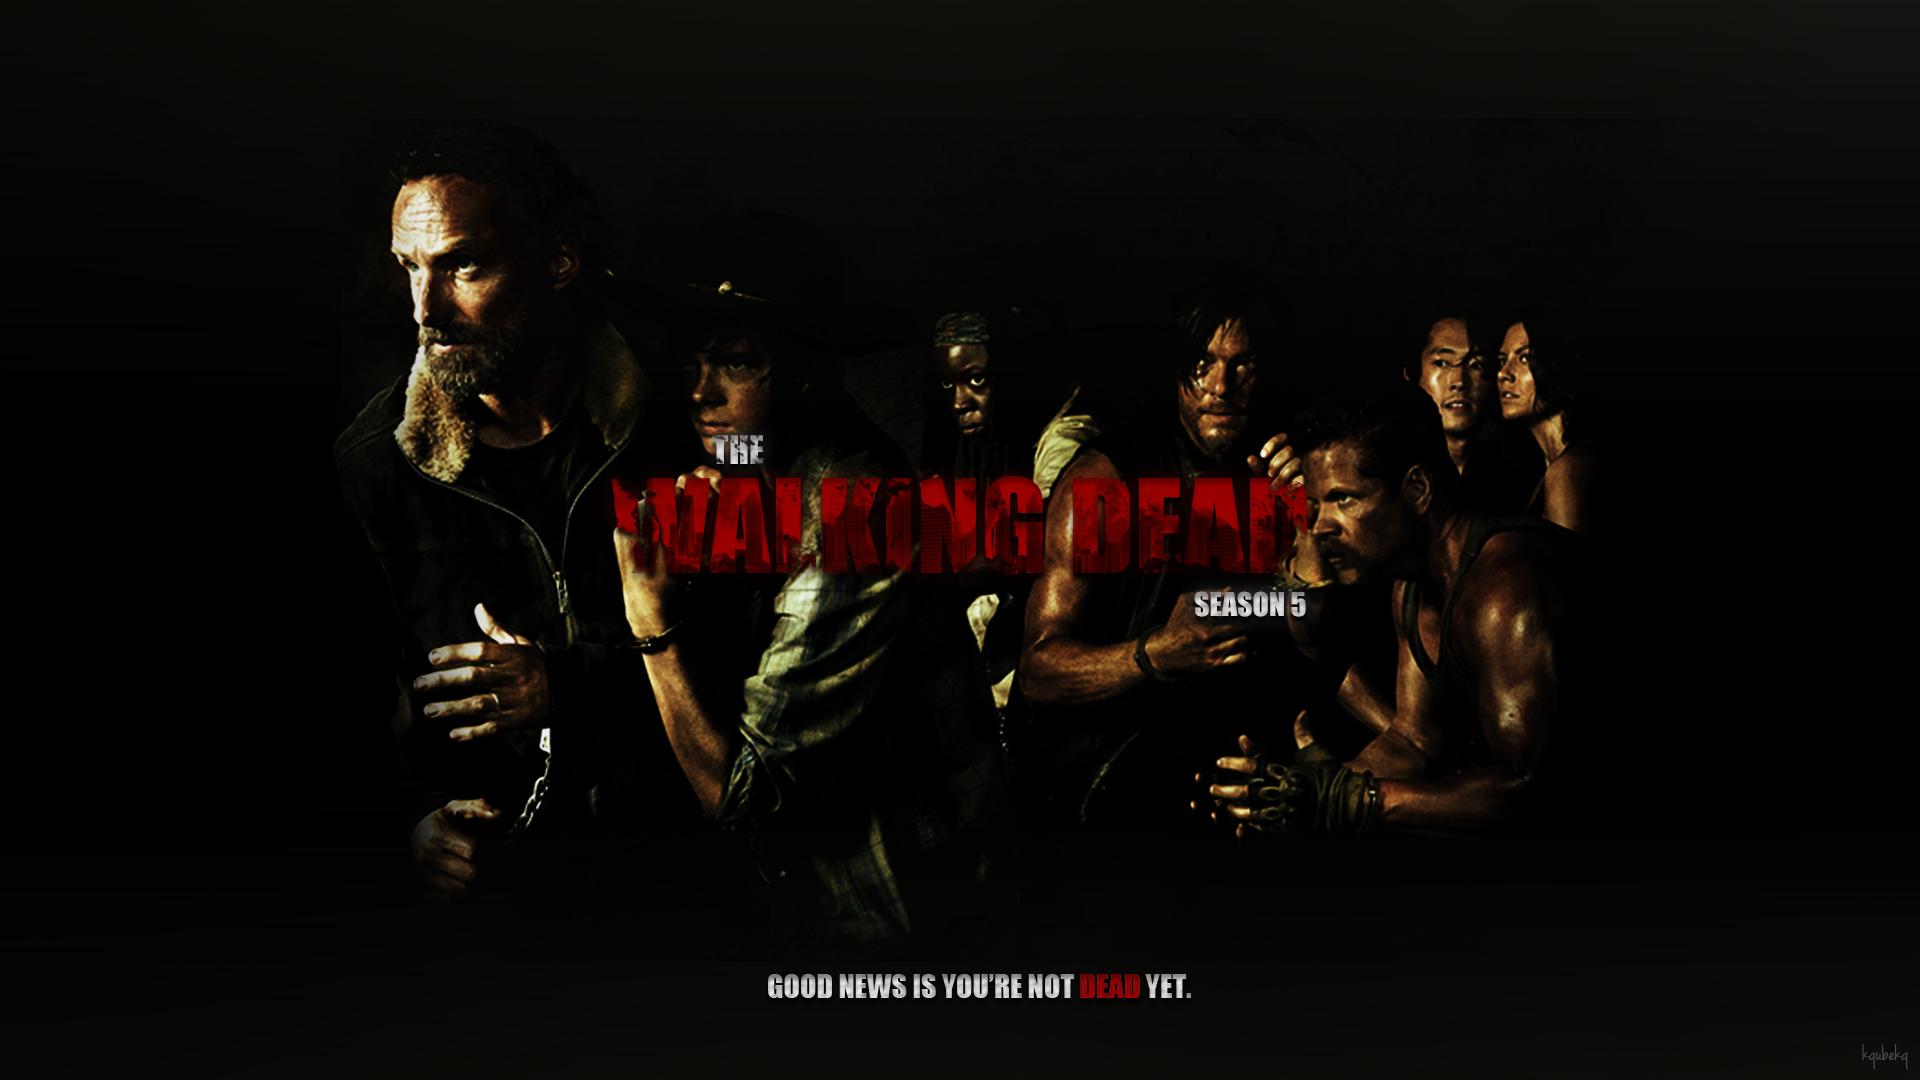 The Walking Dead Season 5 Wallpaper By Kqubekq On Deviantart